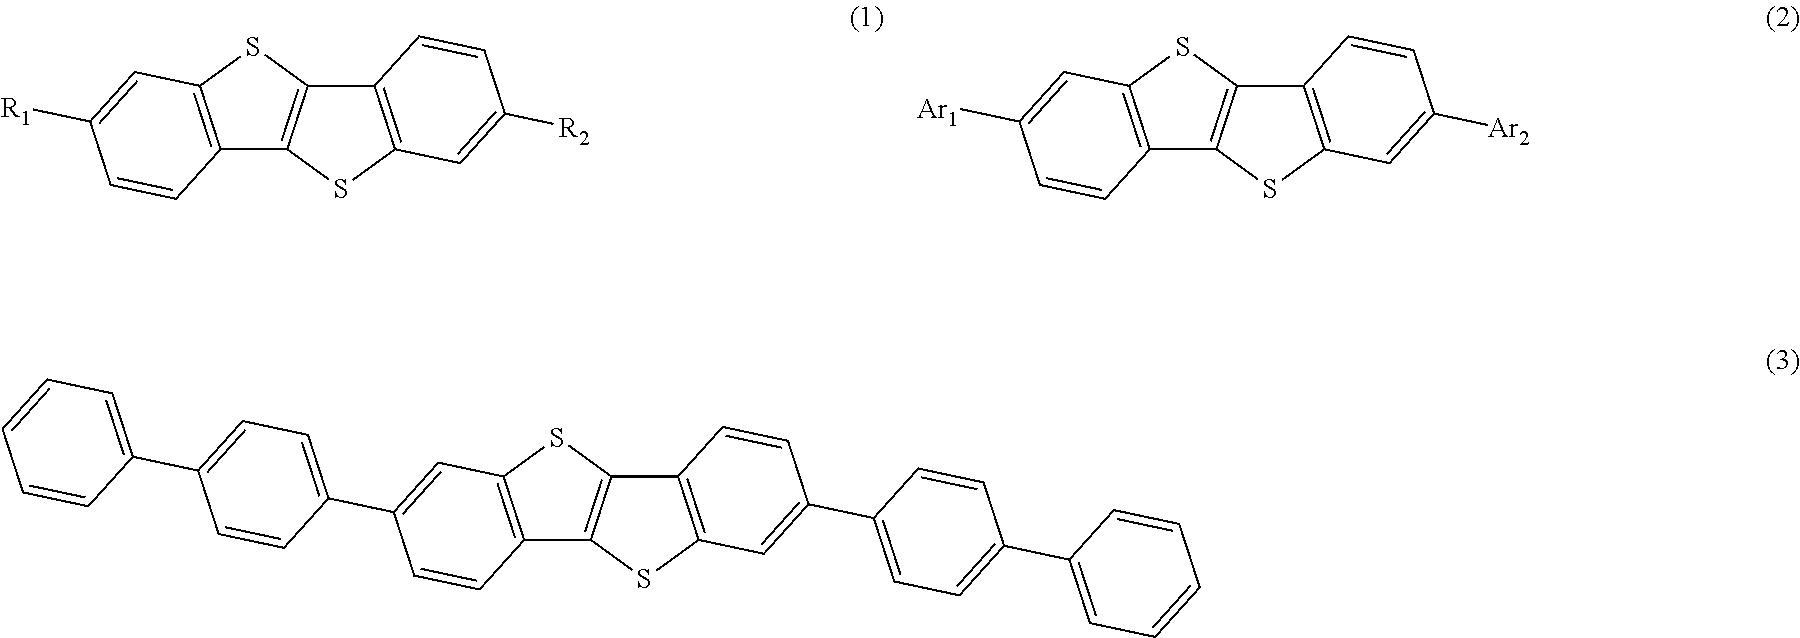 Figure US20180114926A1-20180426-C00002